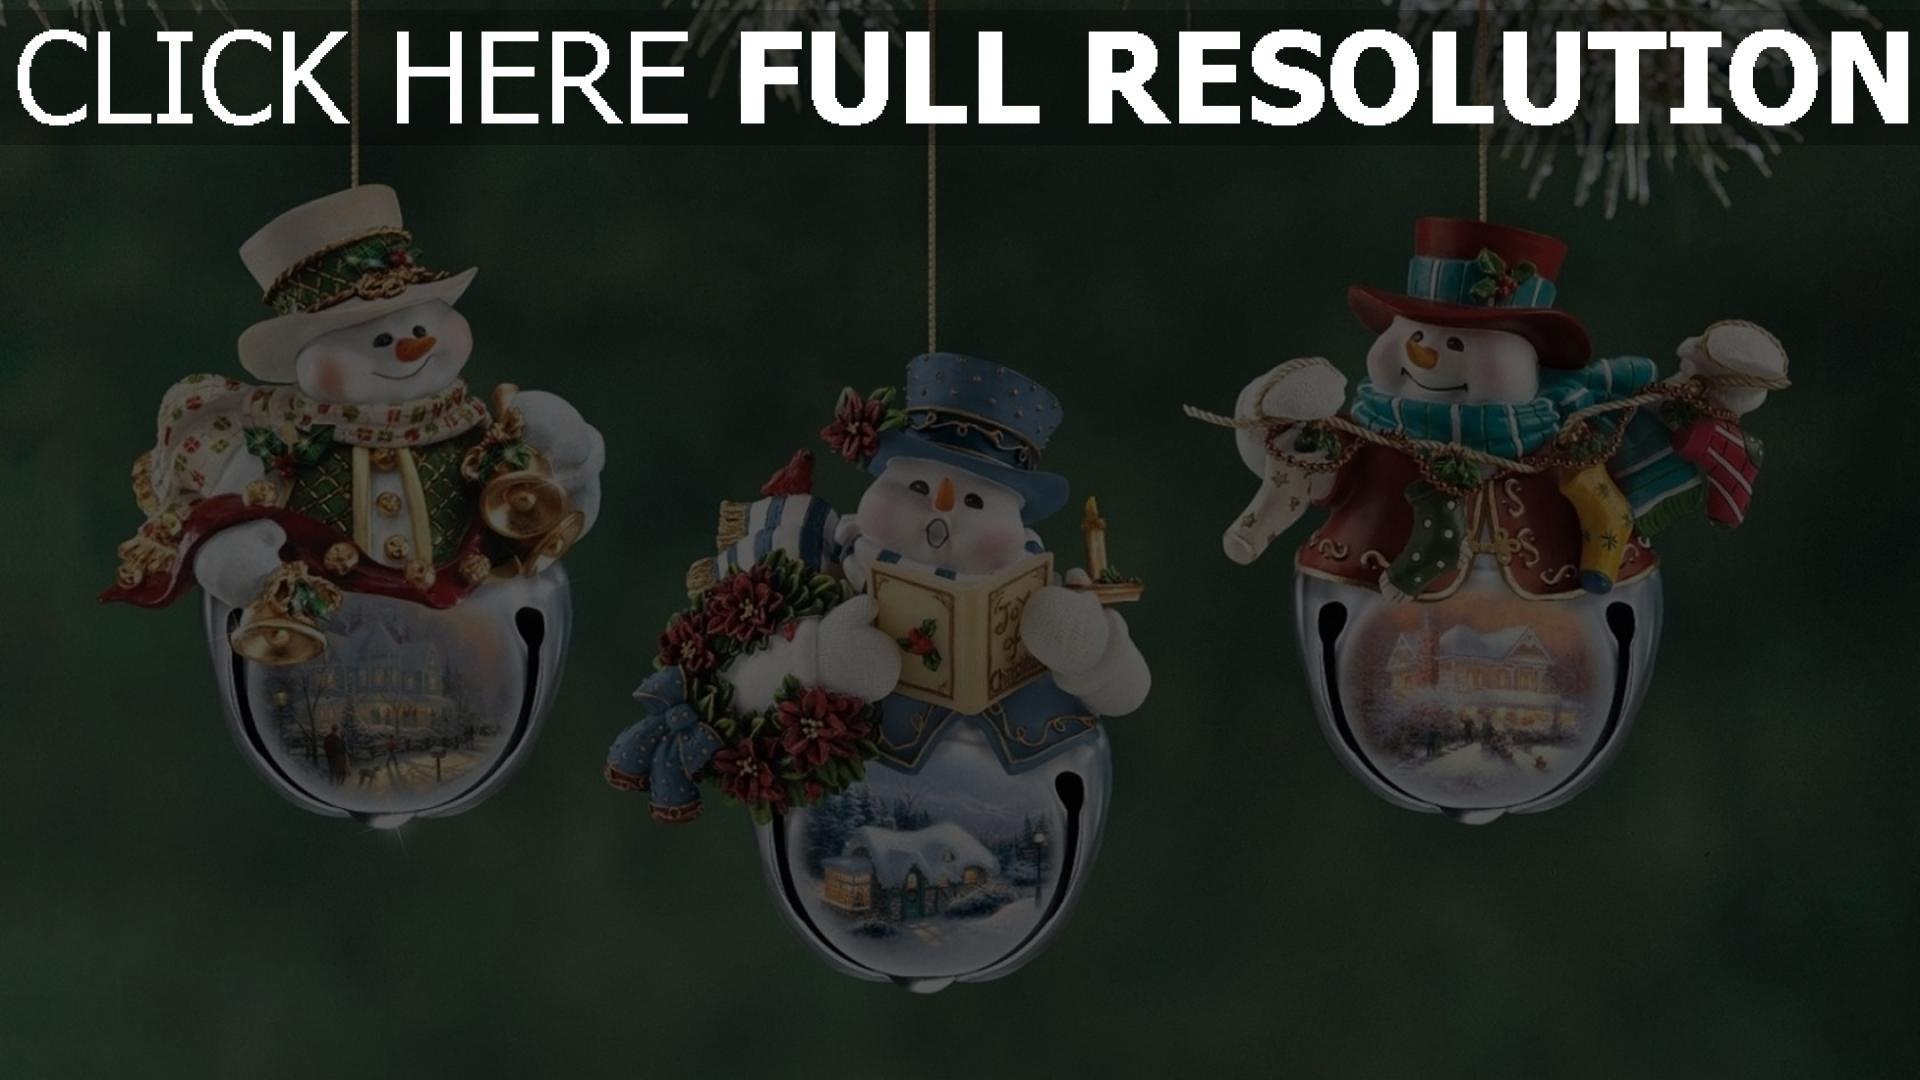 hd hintergrundbilder zweig weihnachten weihnachtsschmuck schneemänner neues jahr urlaub close-up 1920x1080